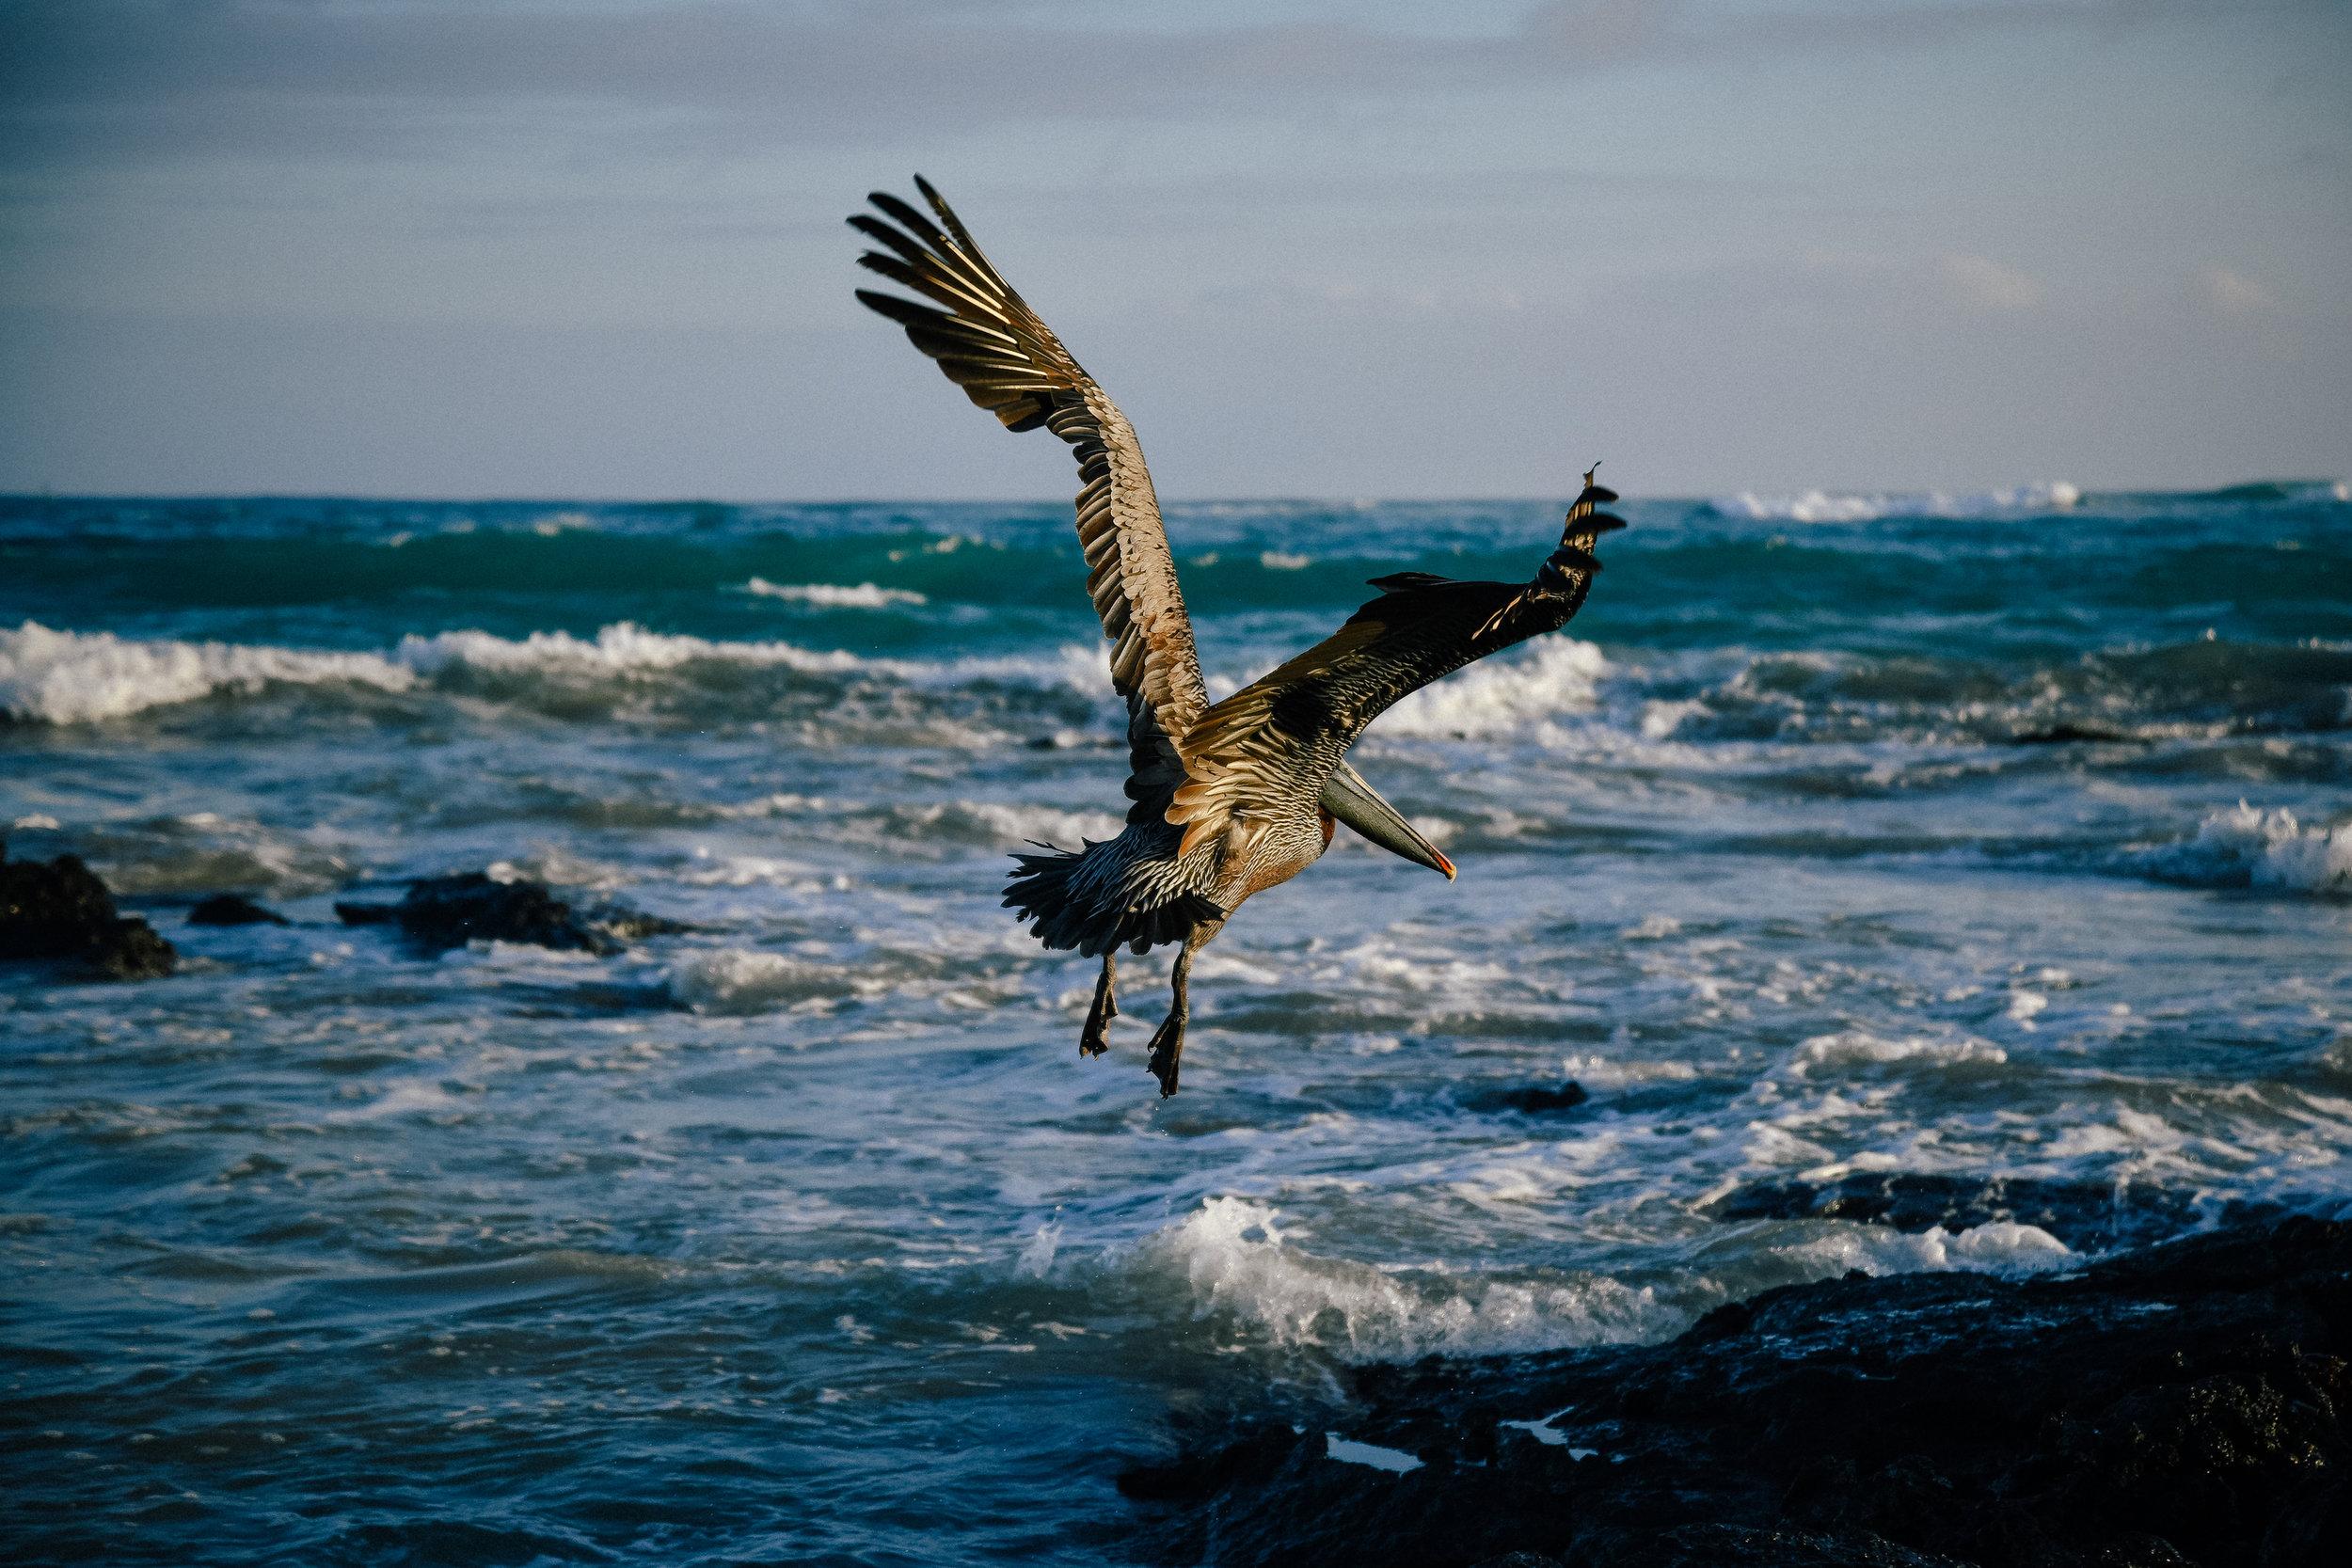 a galapagos pelican